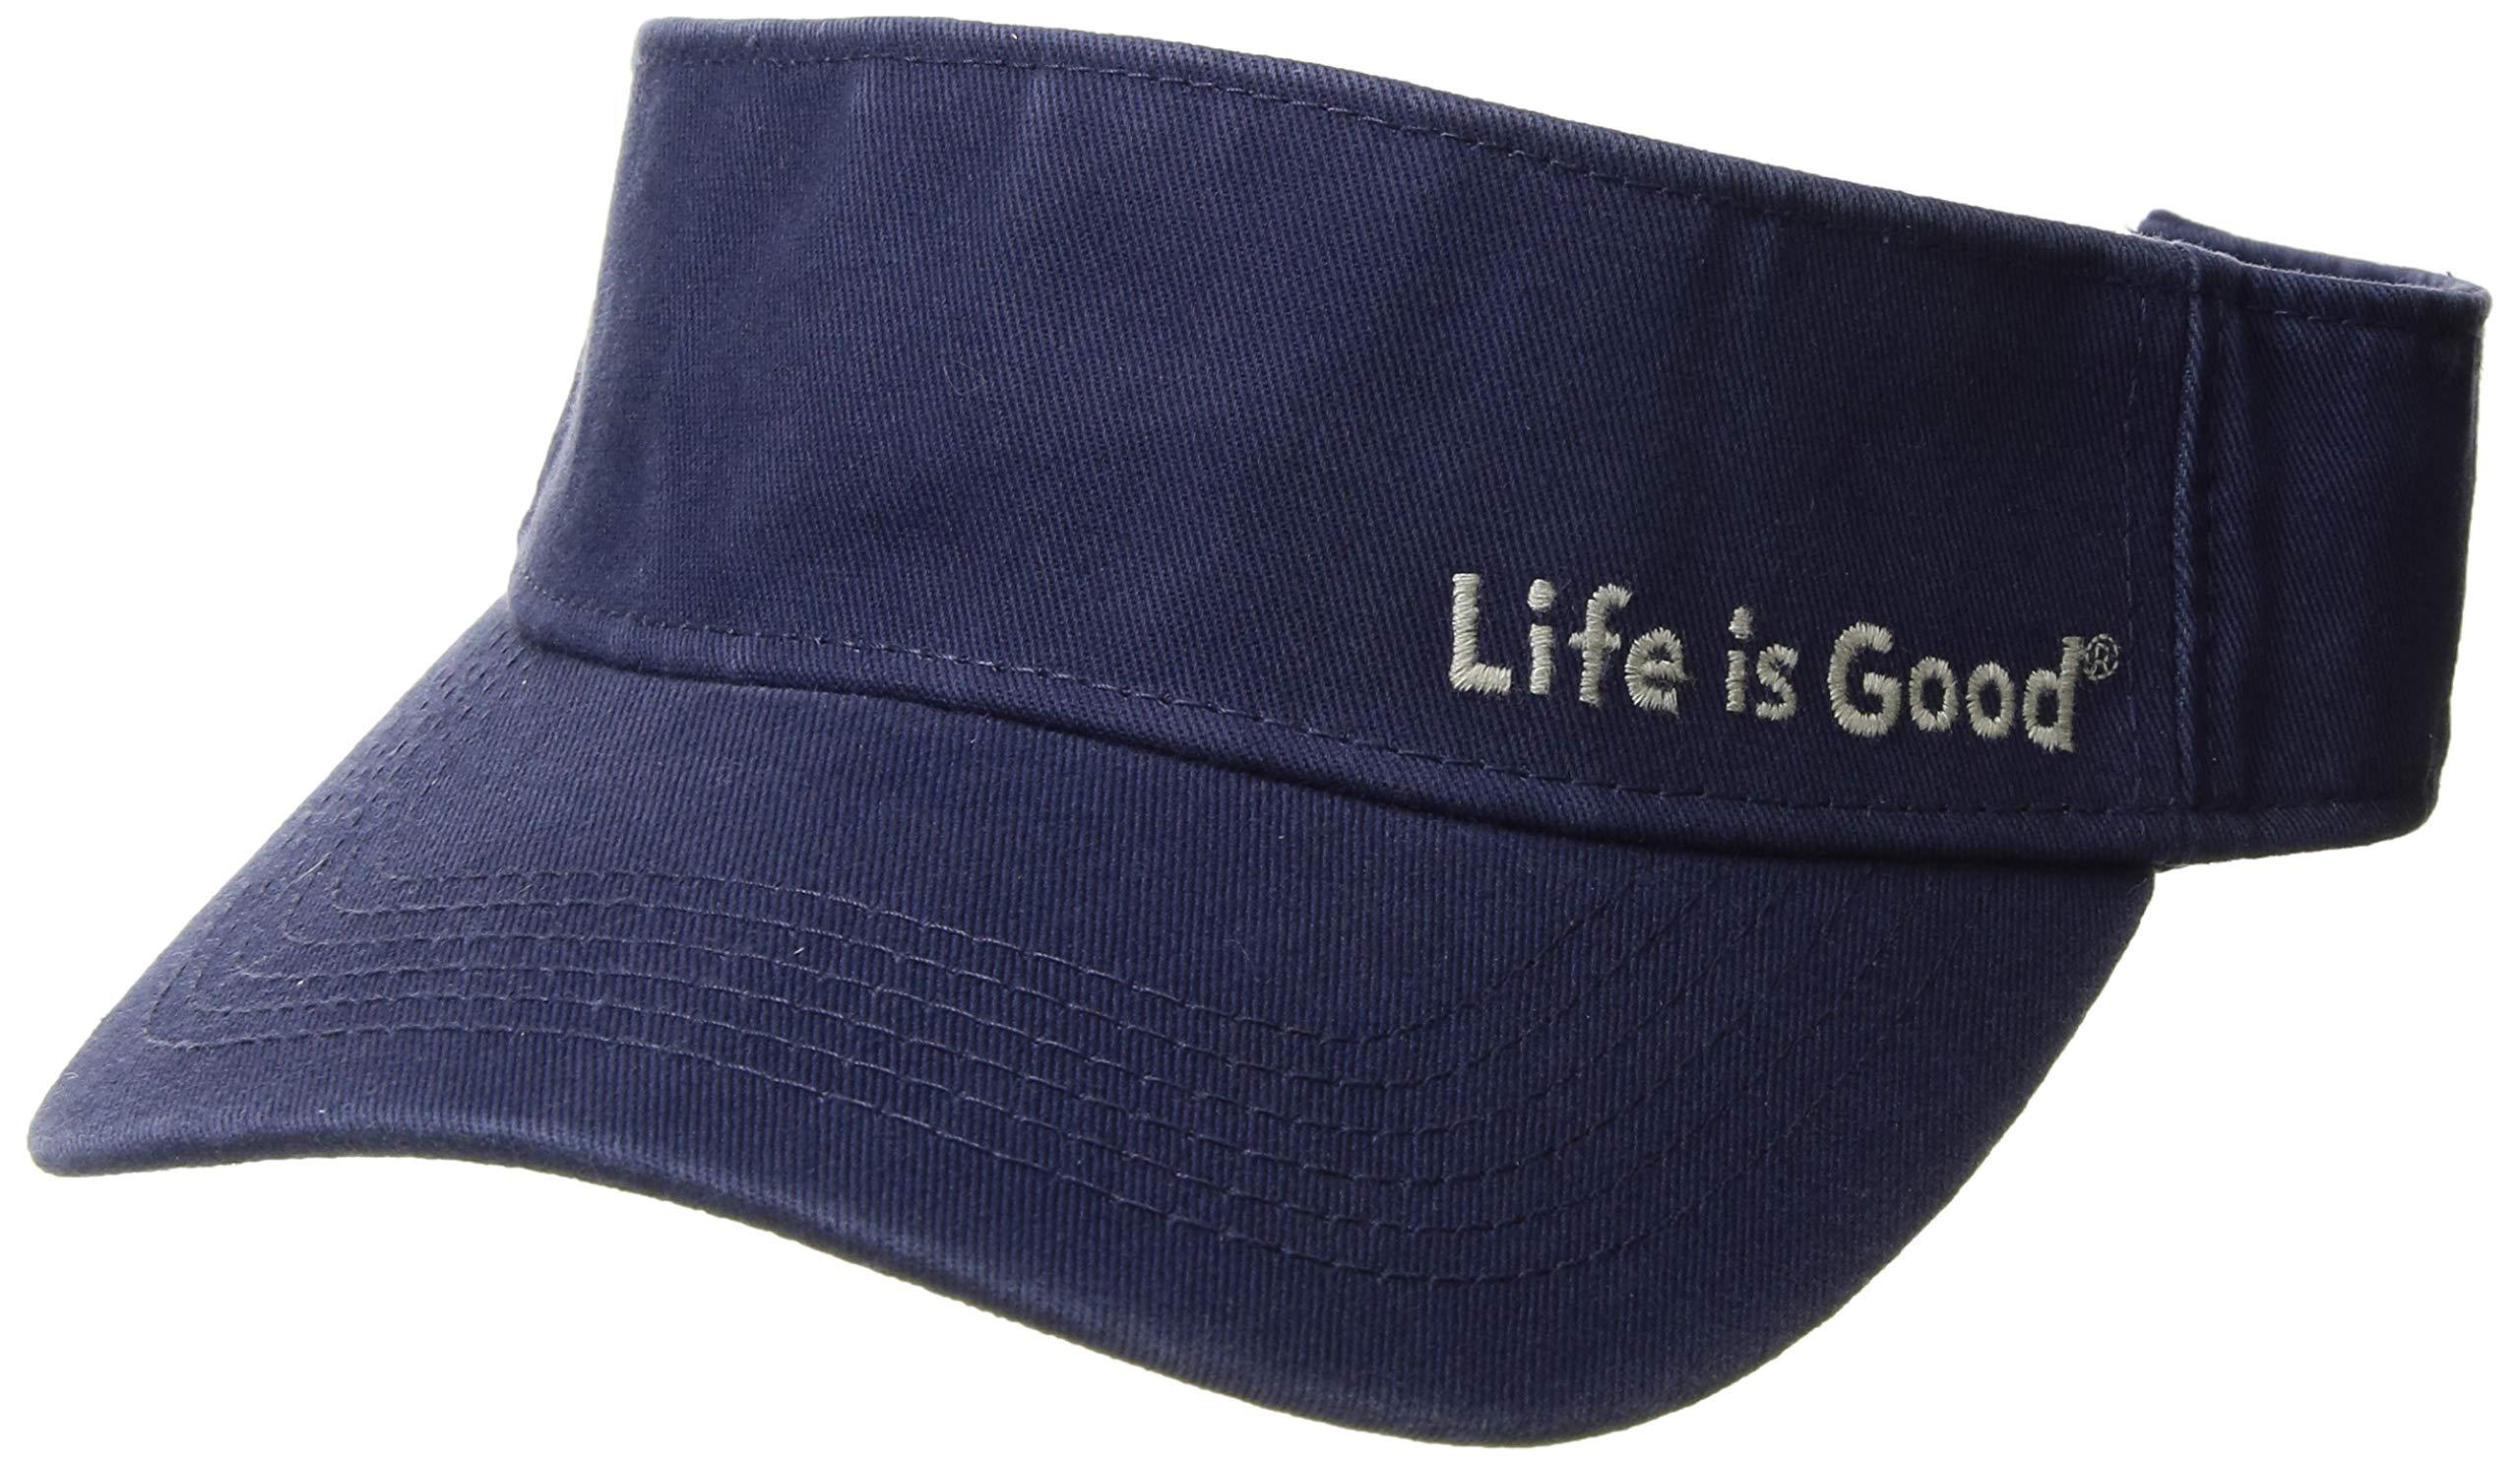 Life is Good Visor Evolved Lig Fishing Hats, Darkest Blue, One Size